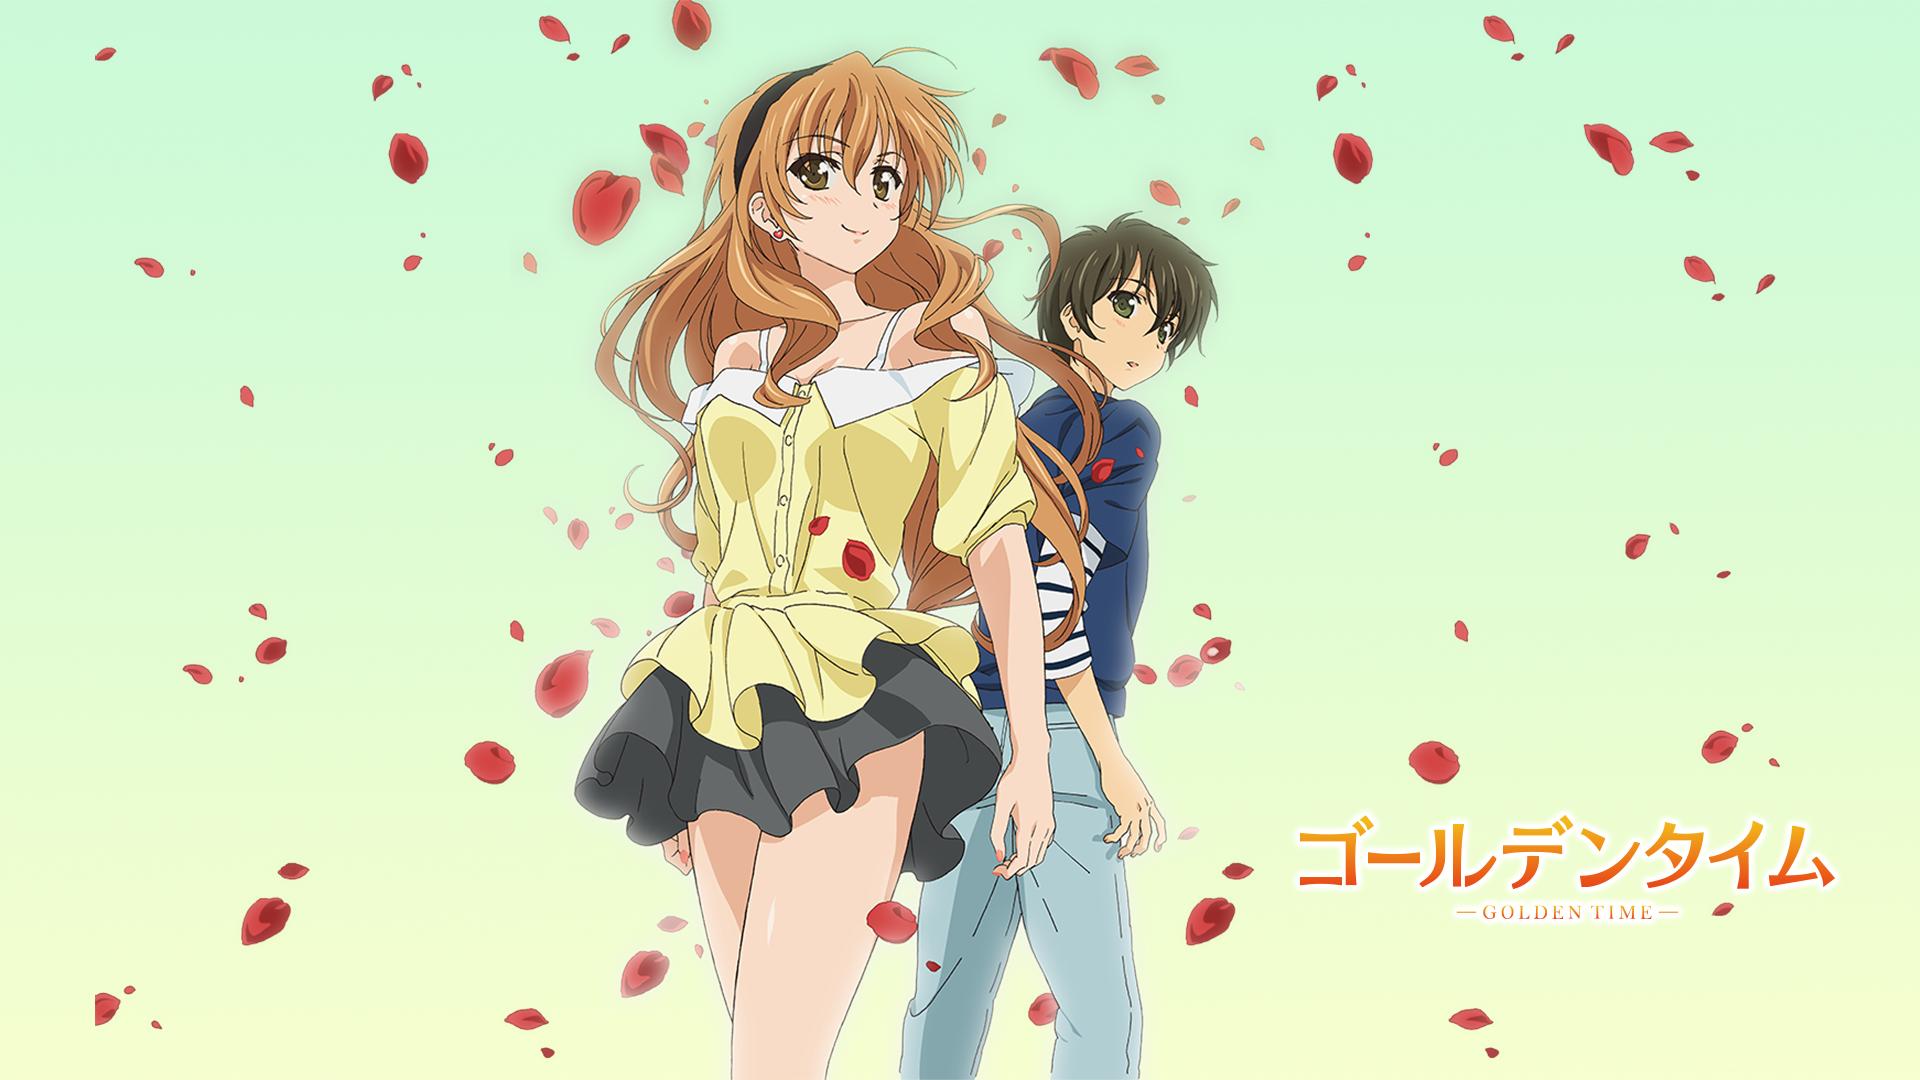 Golden Time | golden time | Golden time anime, Golden time, Anime